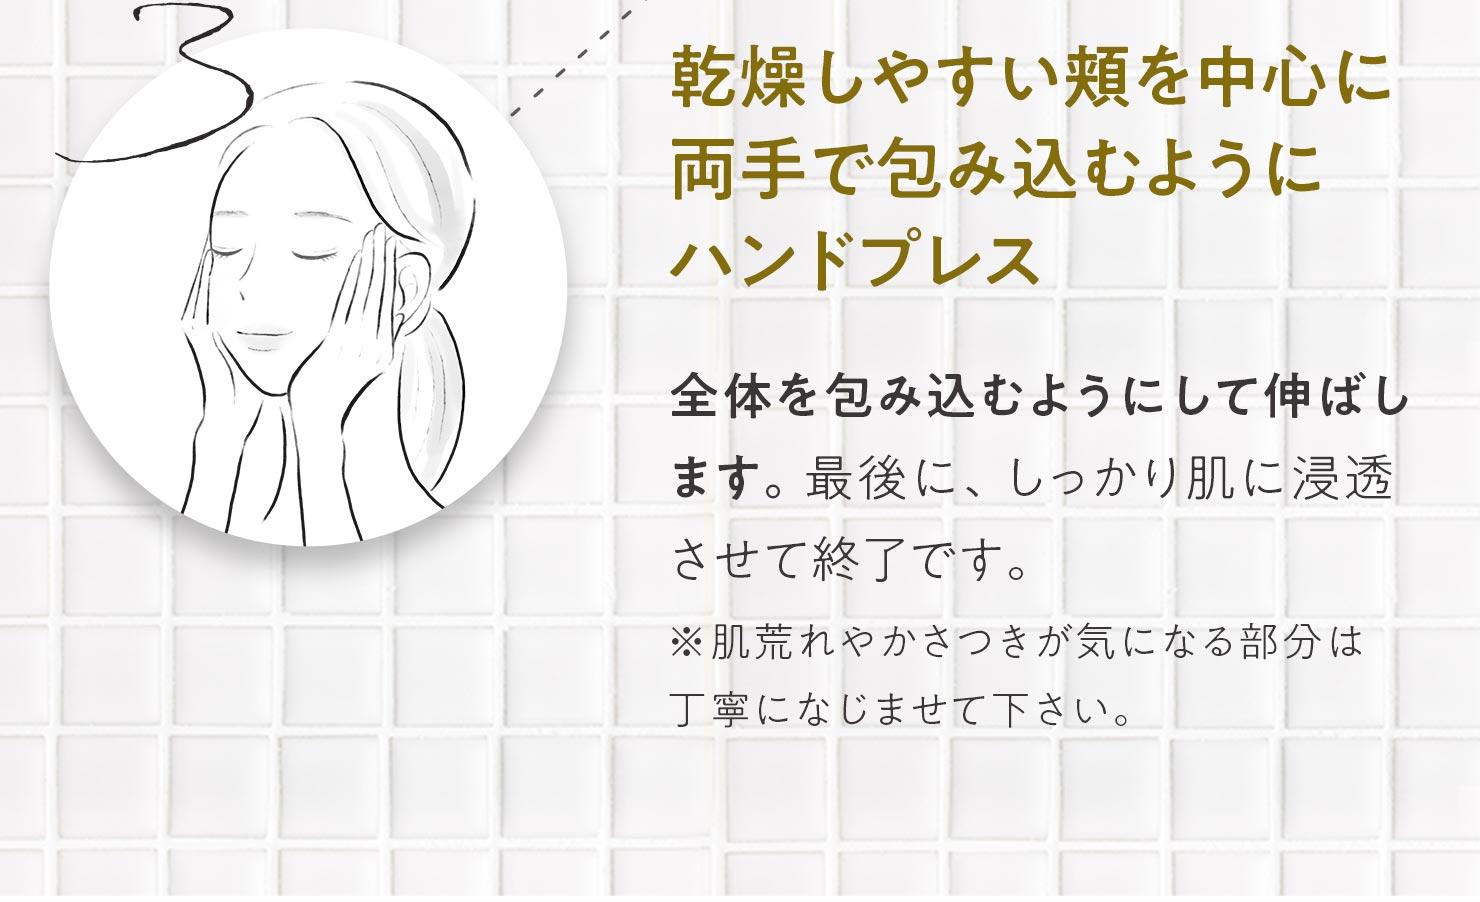 3.乾燥しやすい頬を中心に両手で包み込むようにハンドプレス 全体を包み込むようにして伸ばします。最後に、しっかり肌に浸透させて終了です。※肌荒れやかさつきが気になる部分は丁寧になじませて下さい。